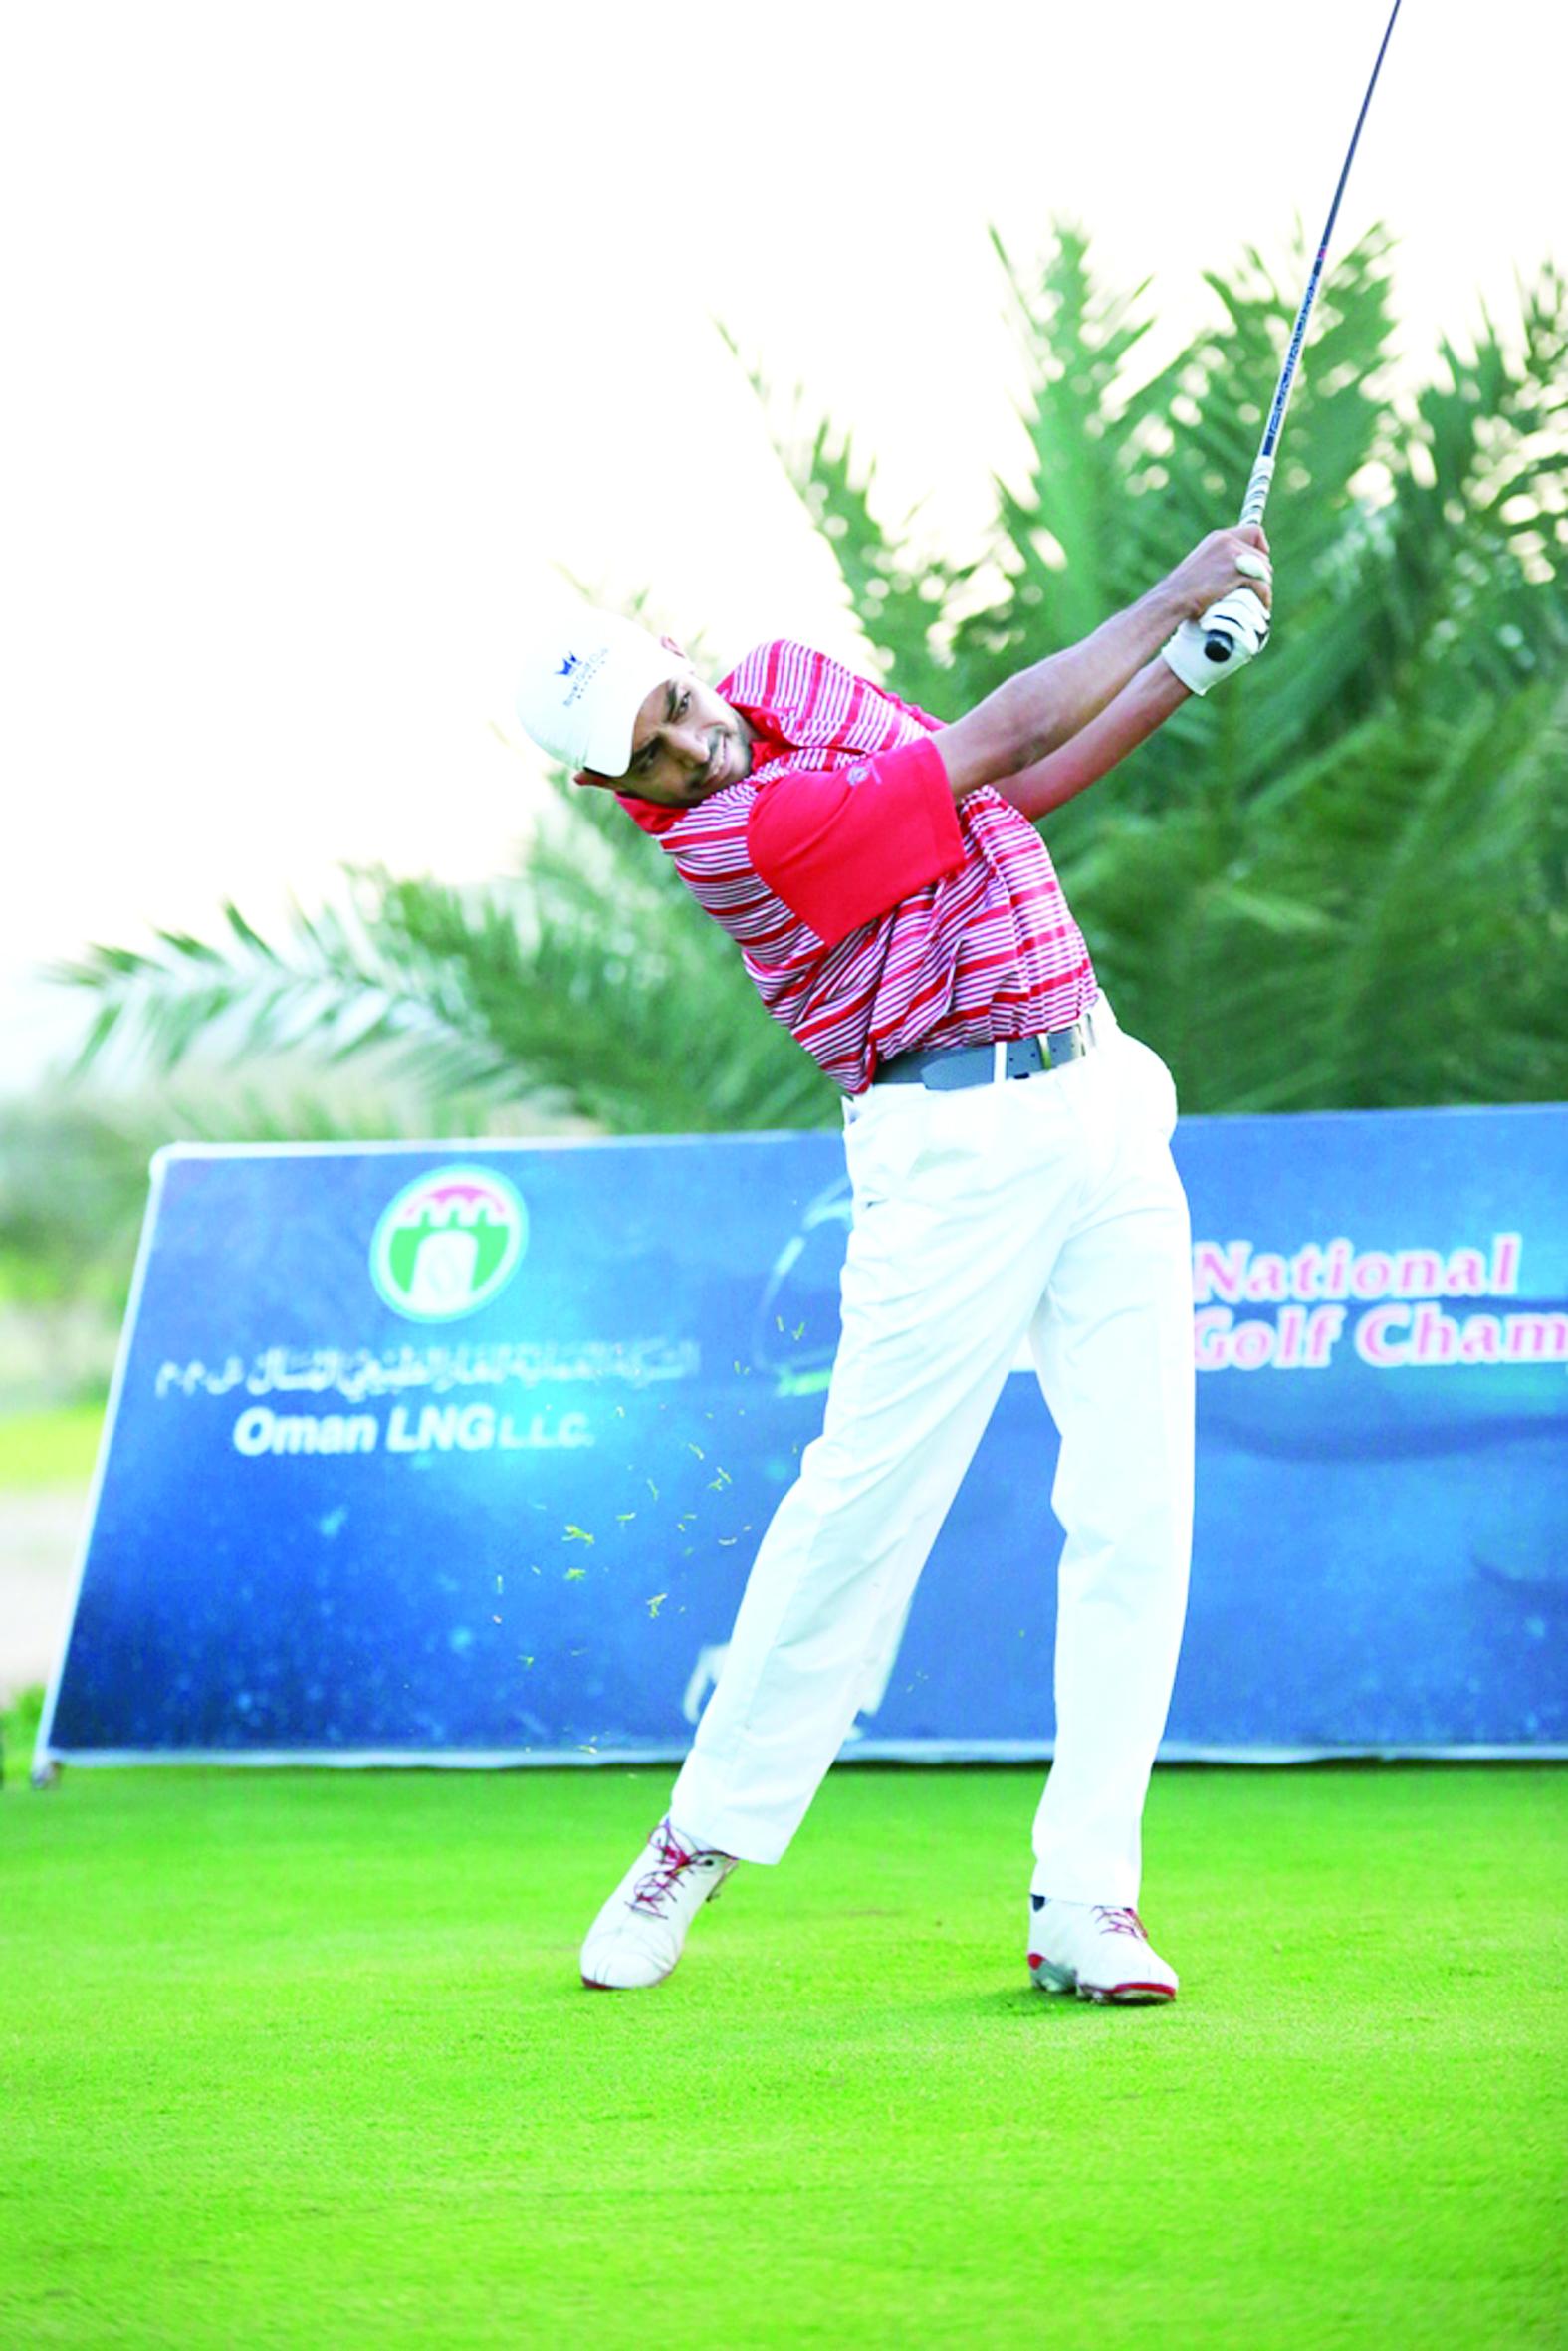 الإسباني لرونزو يتوج بلقب البطولة الوطنية للجولف وعزان الرمحي ثانياً